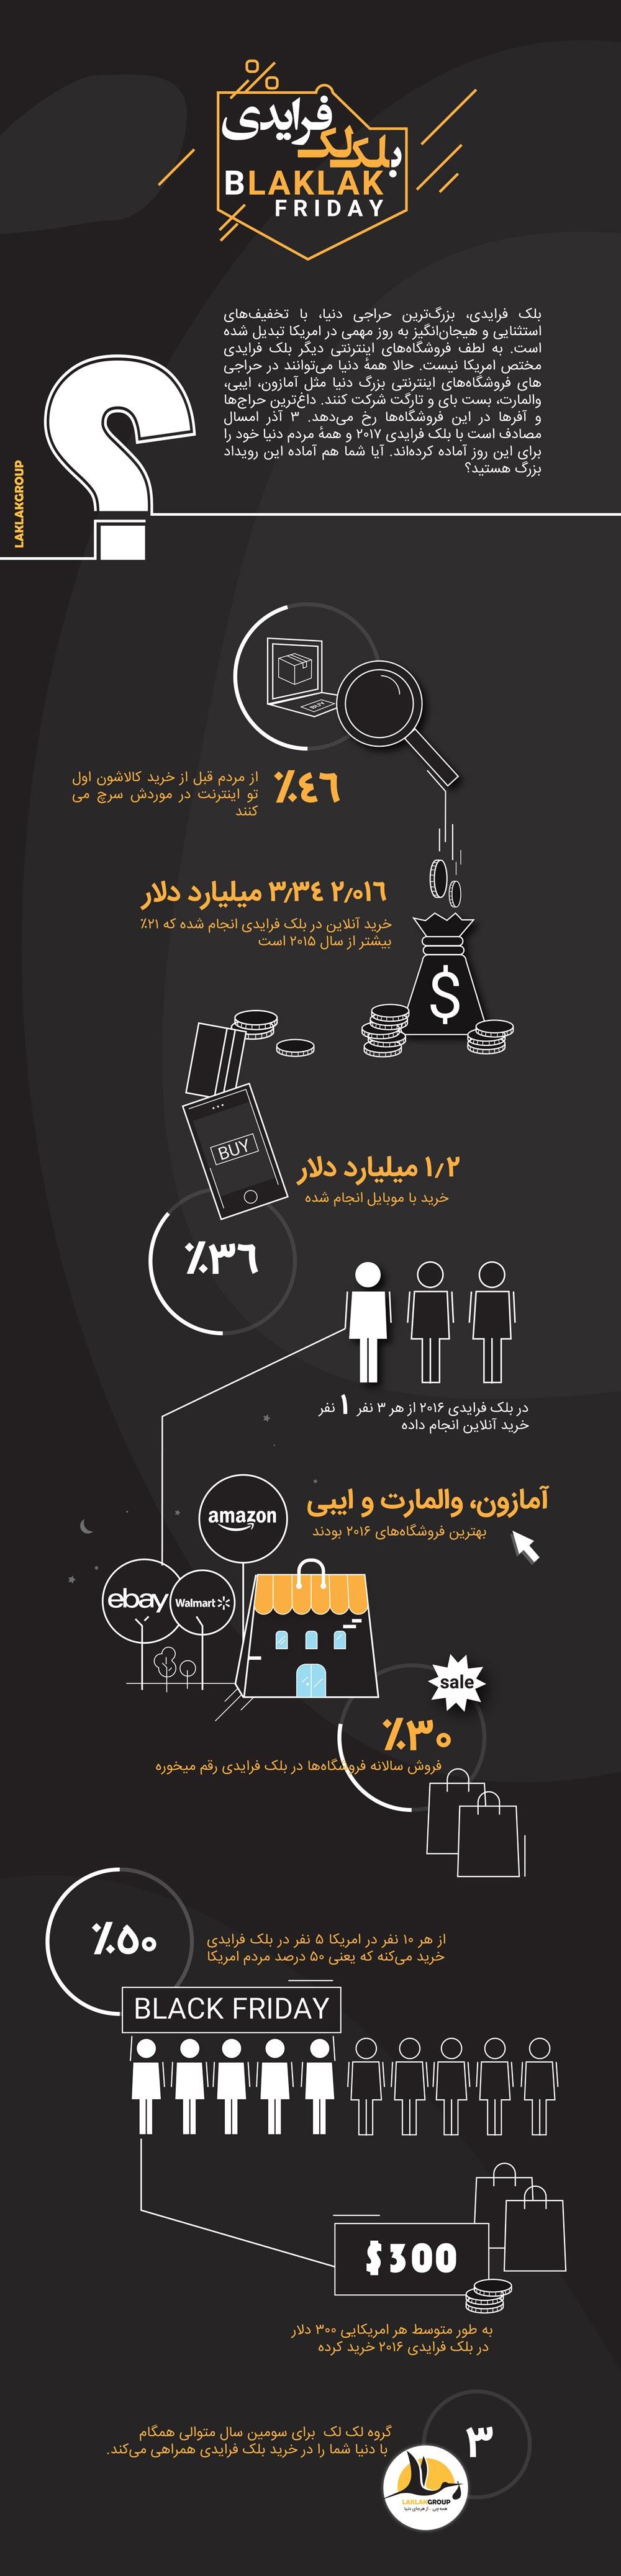 بلک فرایدی و آمار و ارقام- اینفوگرافیک